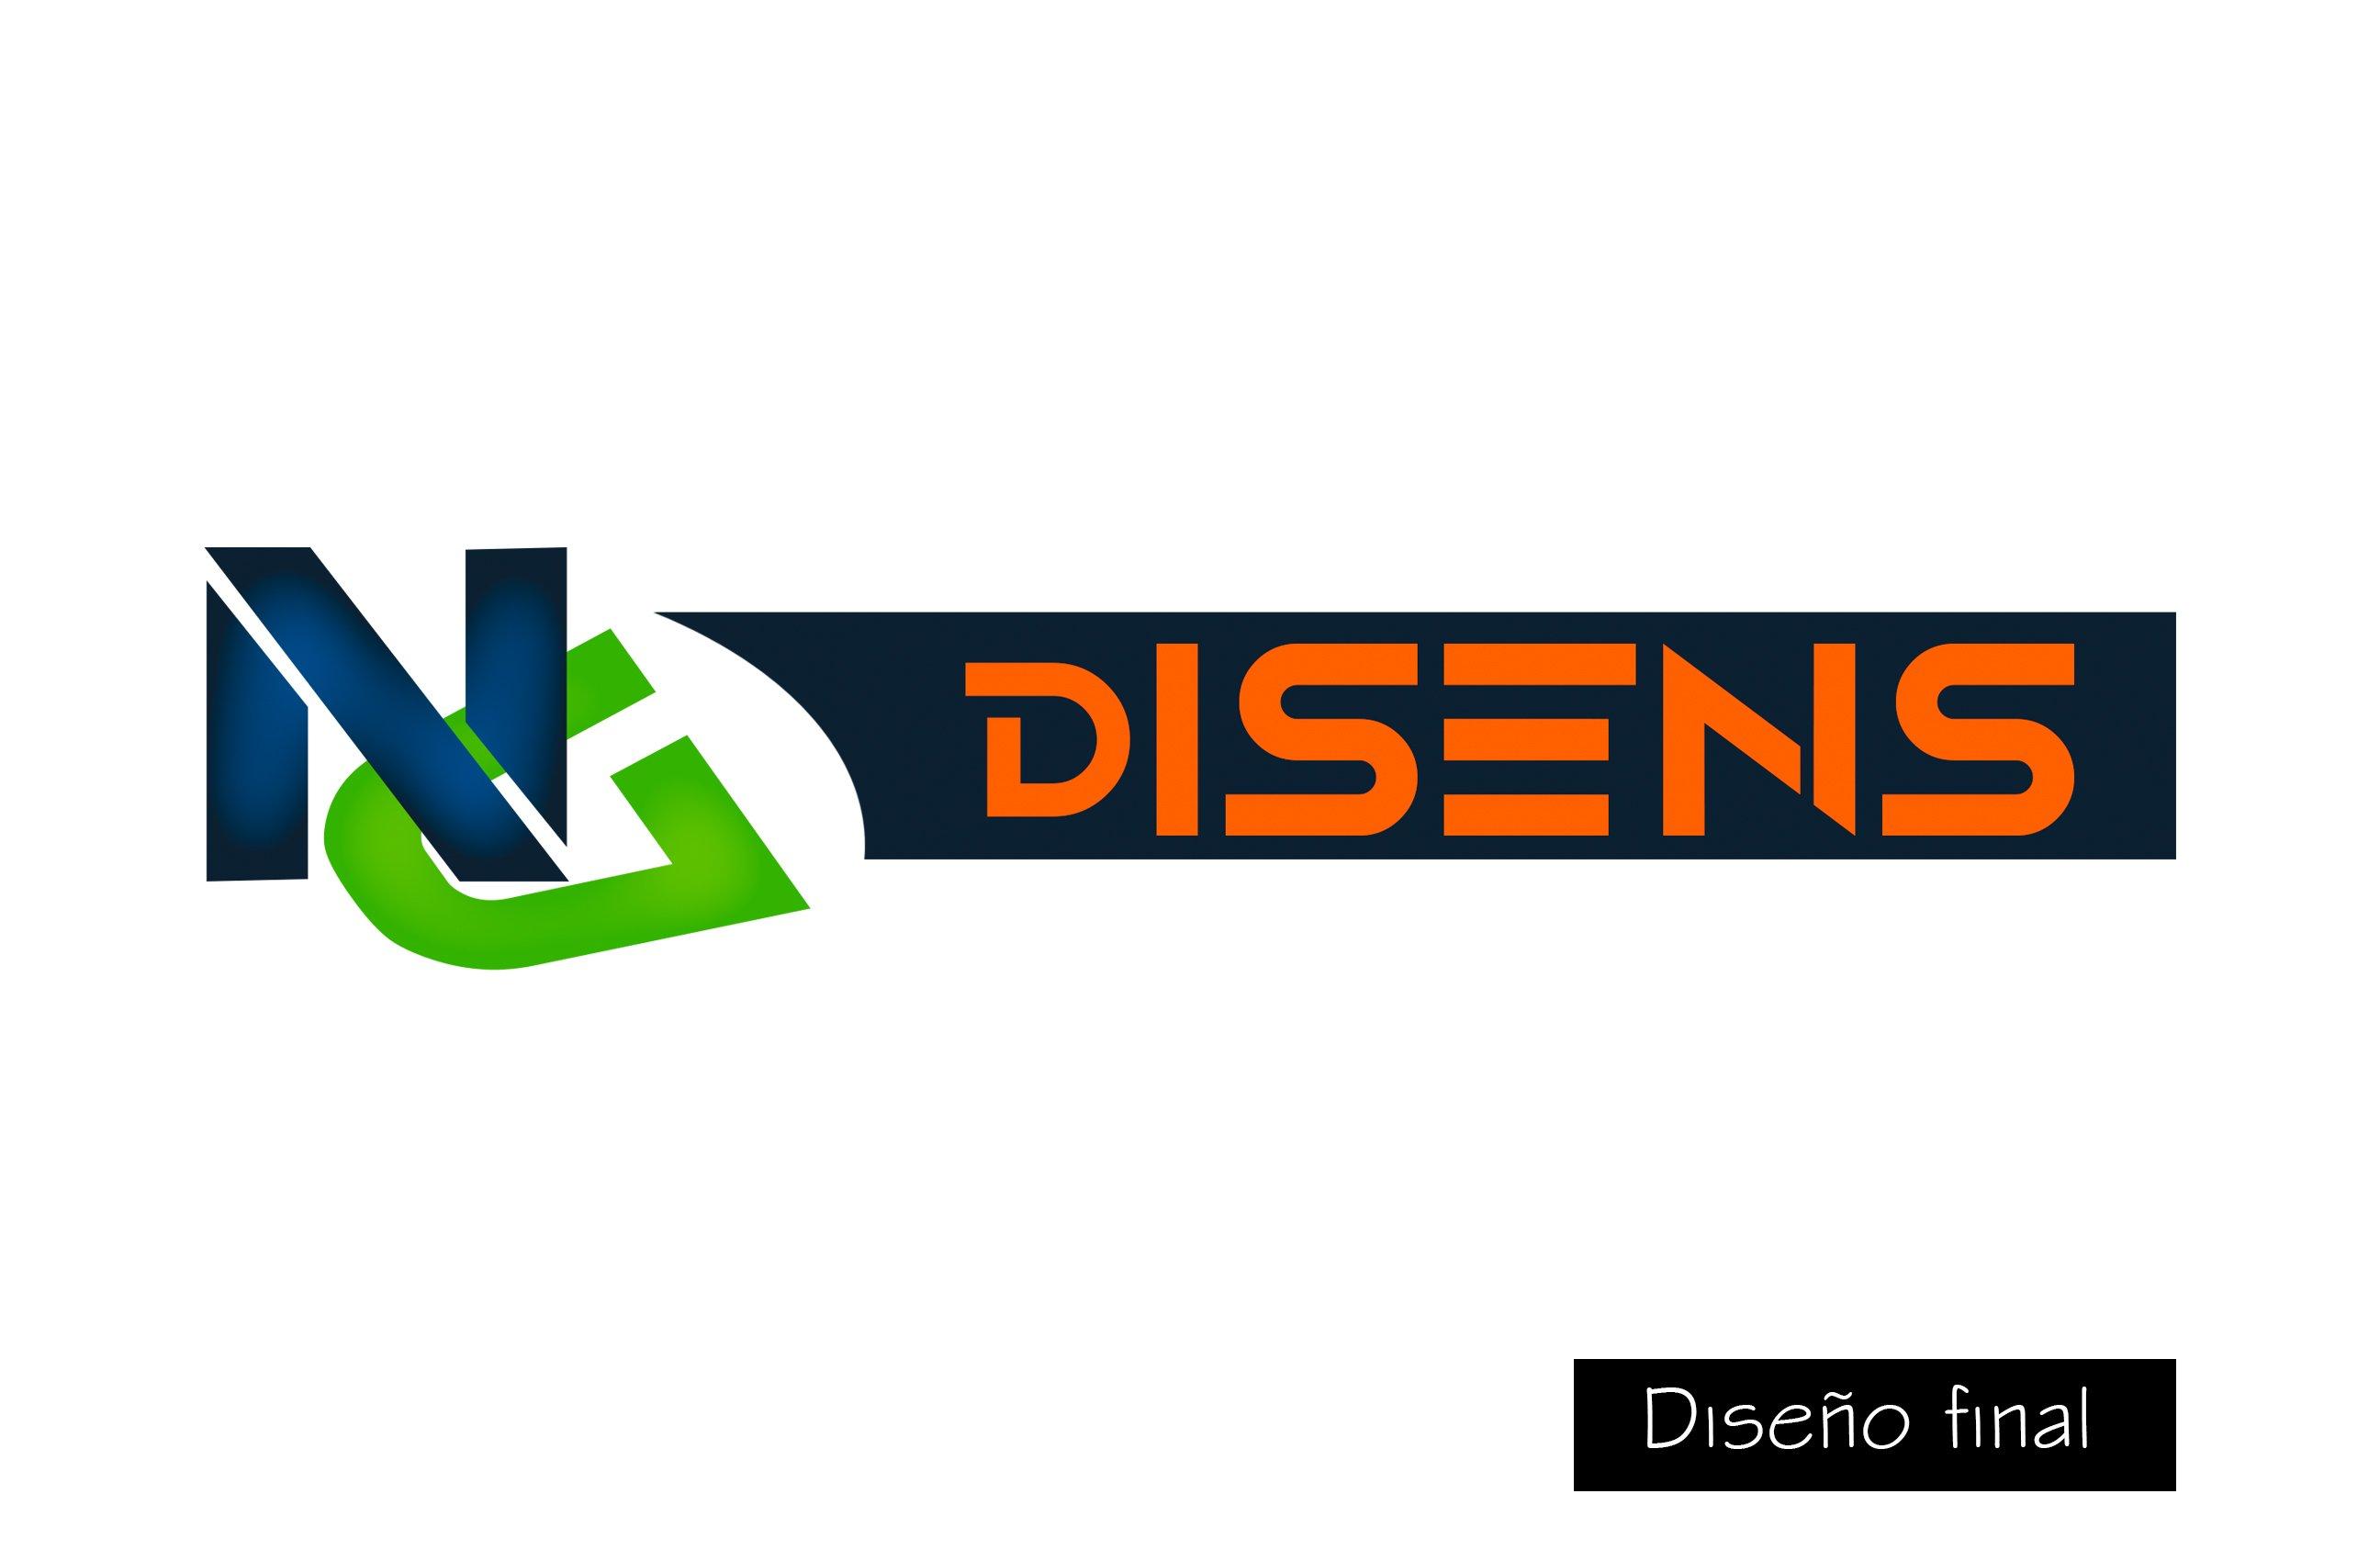 ng disens